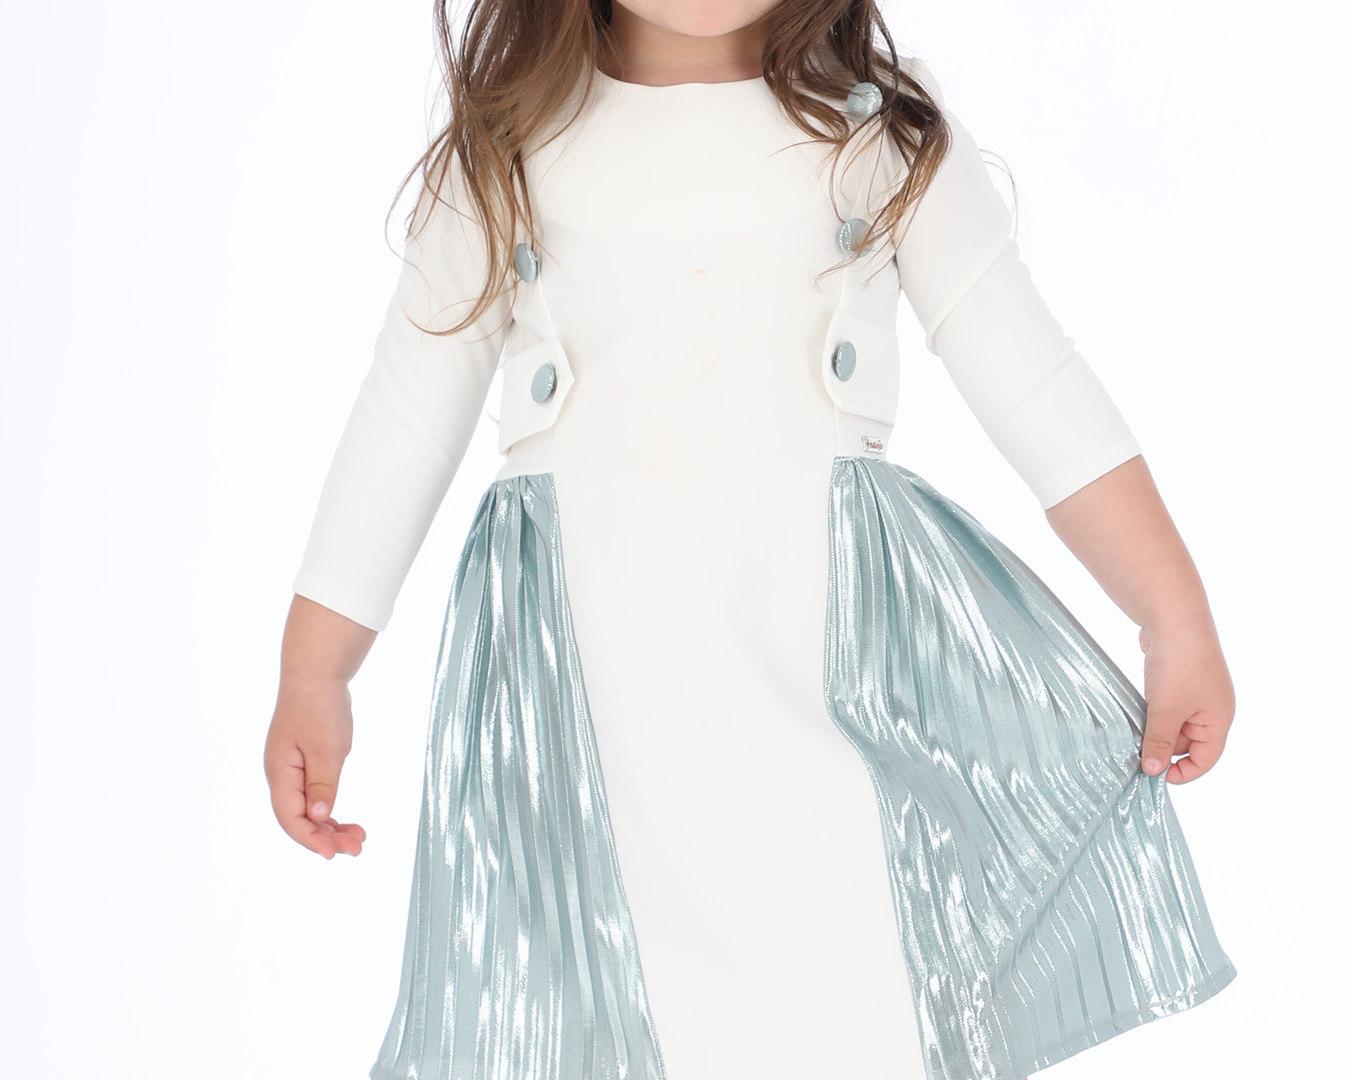 שמלה ליאם malaya | מאליה אופנת ילדים